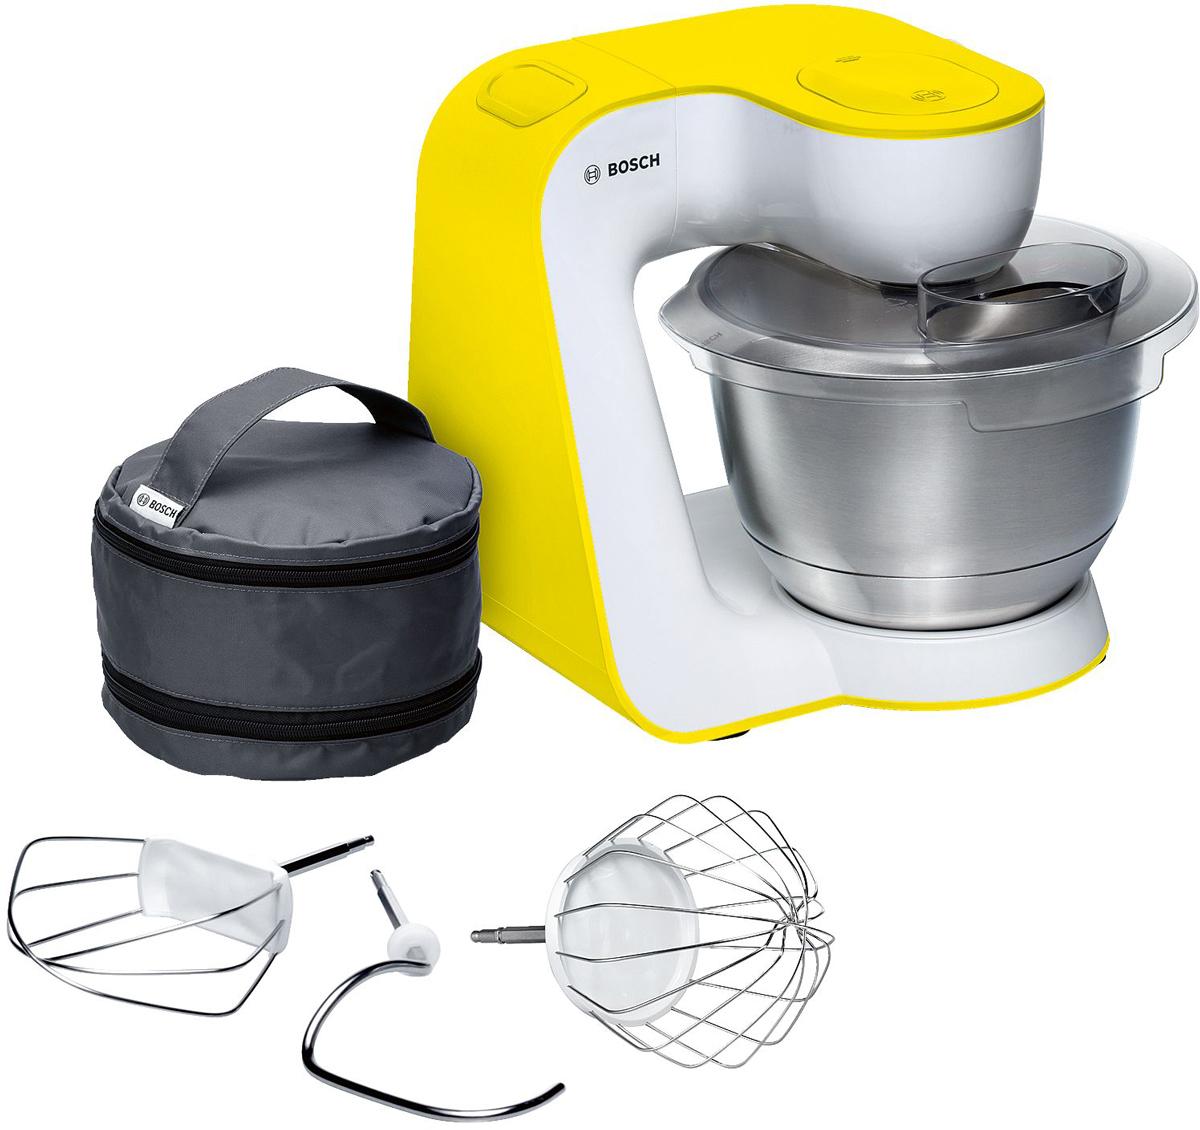 Bosch MUM54Y00 кухонный комбайнMUM54Y00Bosch MUM54Y00 - мощная кухонная машина с многосторонними возможностями для готовки и выпечки. Мотор мощностью 900 Вт легко обрабатывает большие количества ингредиентов. Отличное качество замеса теста благодаря планетарному вращению Multi-motion-drive. 7 скоростей замешивания и импульсный режим обеспечат наилучший результат. Большая чаша из нержавеющей стали 3,9 л позволяет замешать до 2 кг крутого теста. Bosch MUM54Y00 имеет функцию автоматического поднятия рычага EasyArmLift.